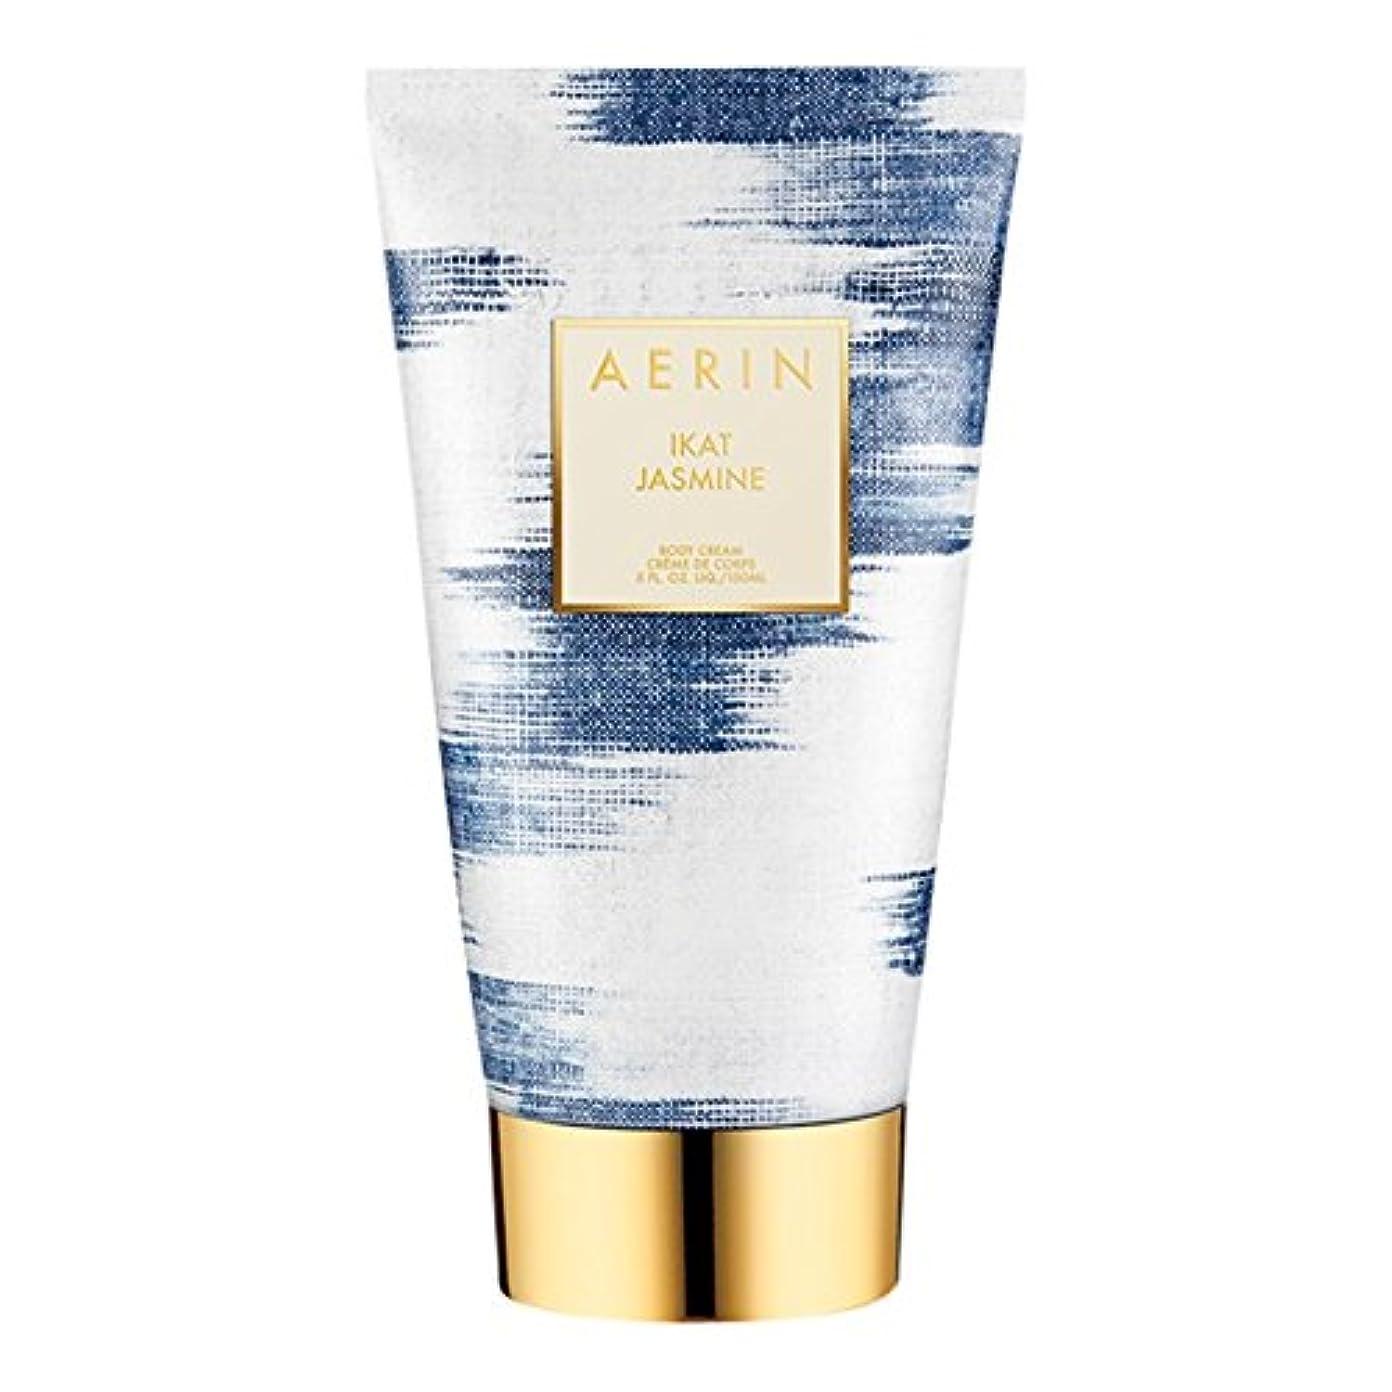 小切手準備するアカデミックAerinイカットジャスミンボディクリーム150ミリリットル (AERIN) - AERIN Ikat Jasmine Body Cream 150ml [並行輸入品]